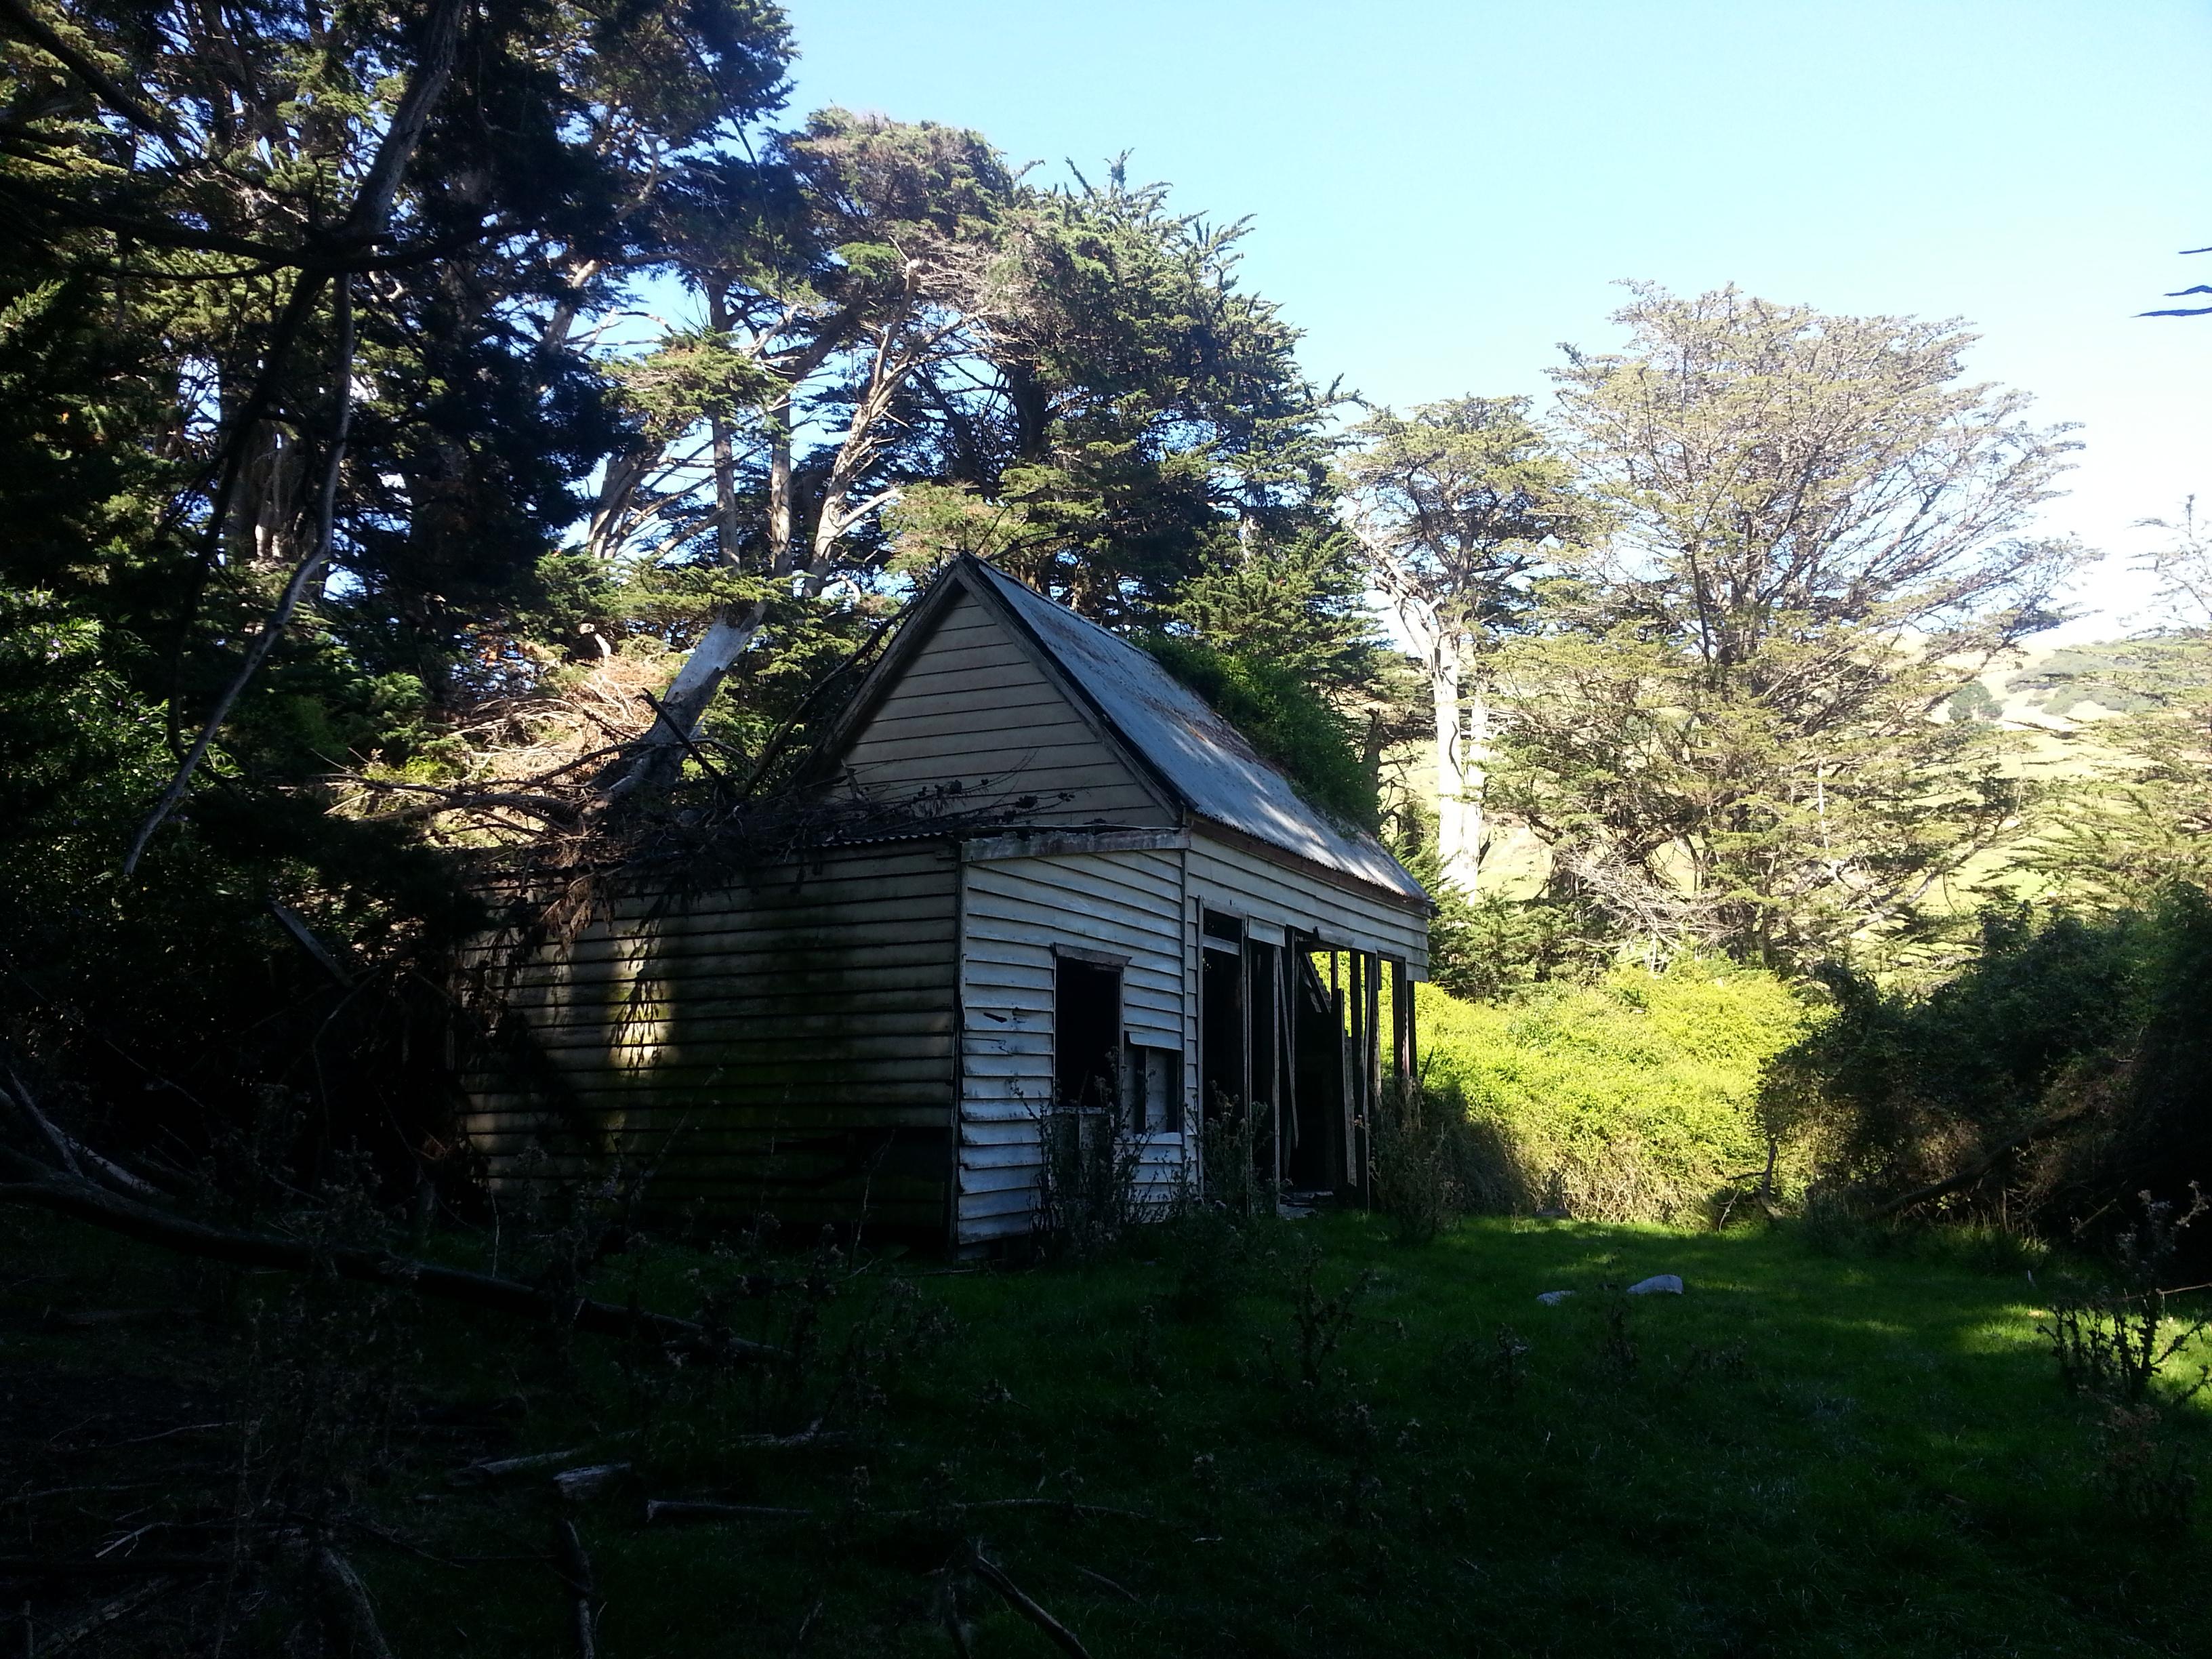 The Stewart Farm